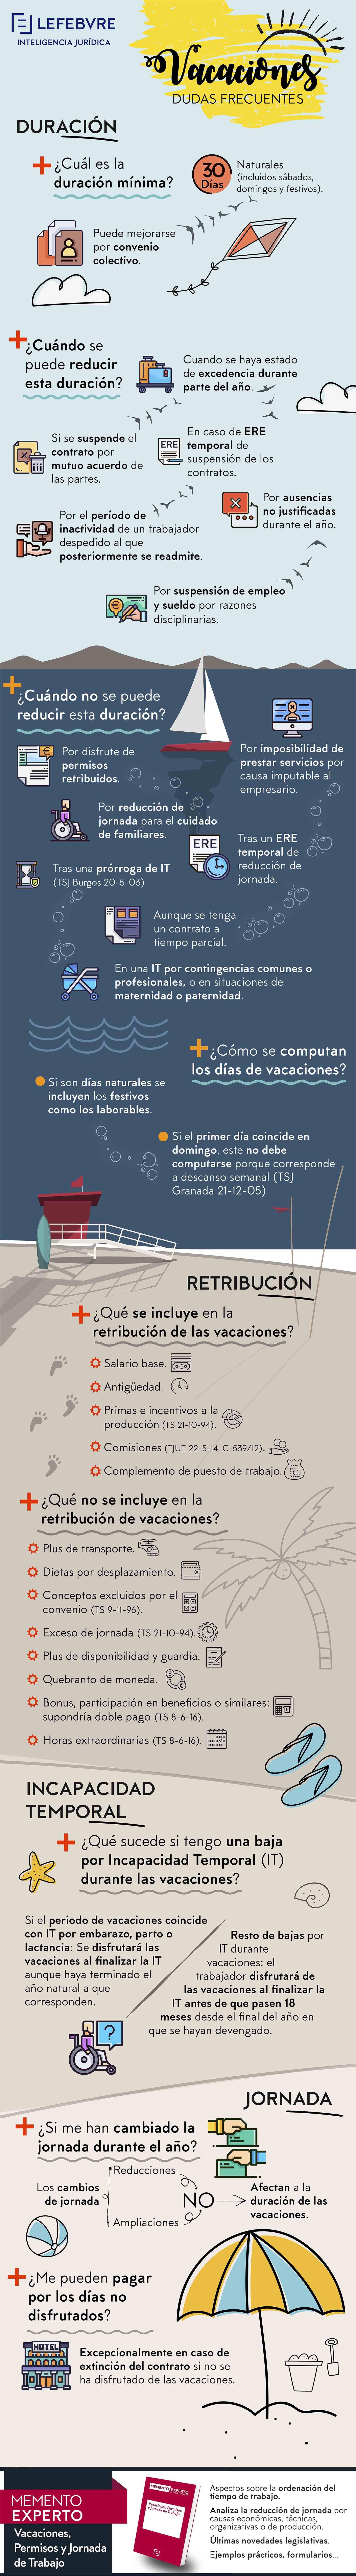 dudas frecuentes sobre vacaciones